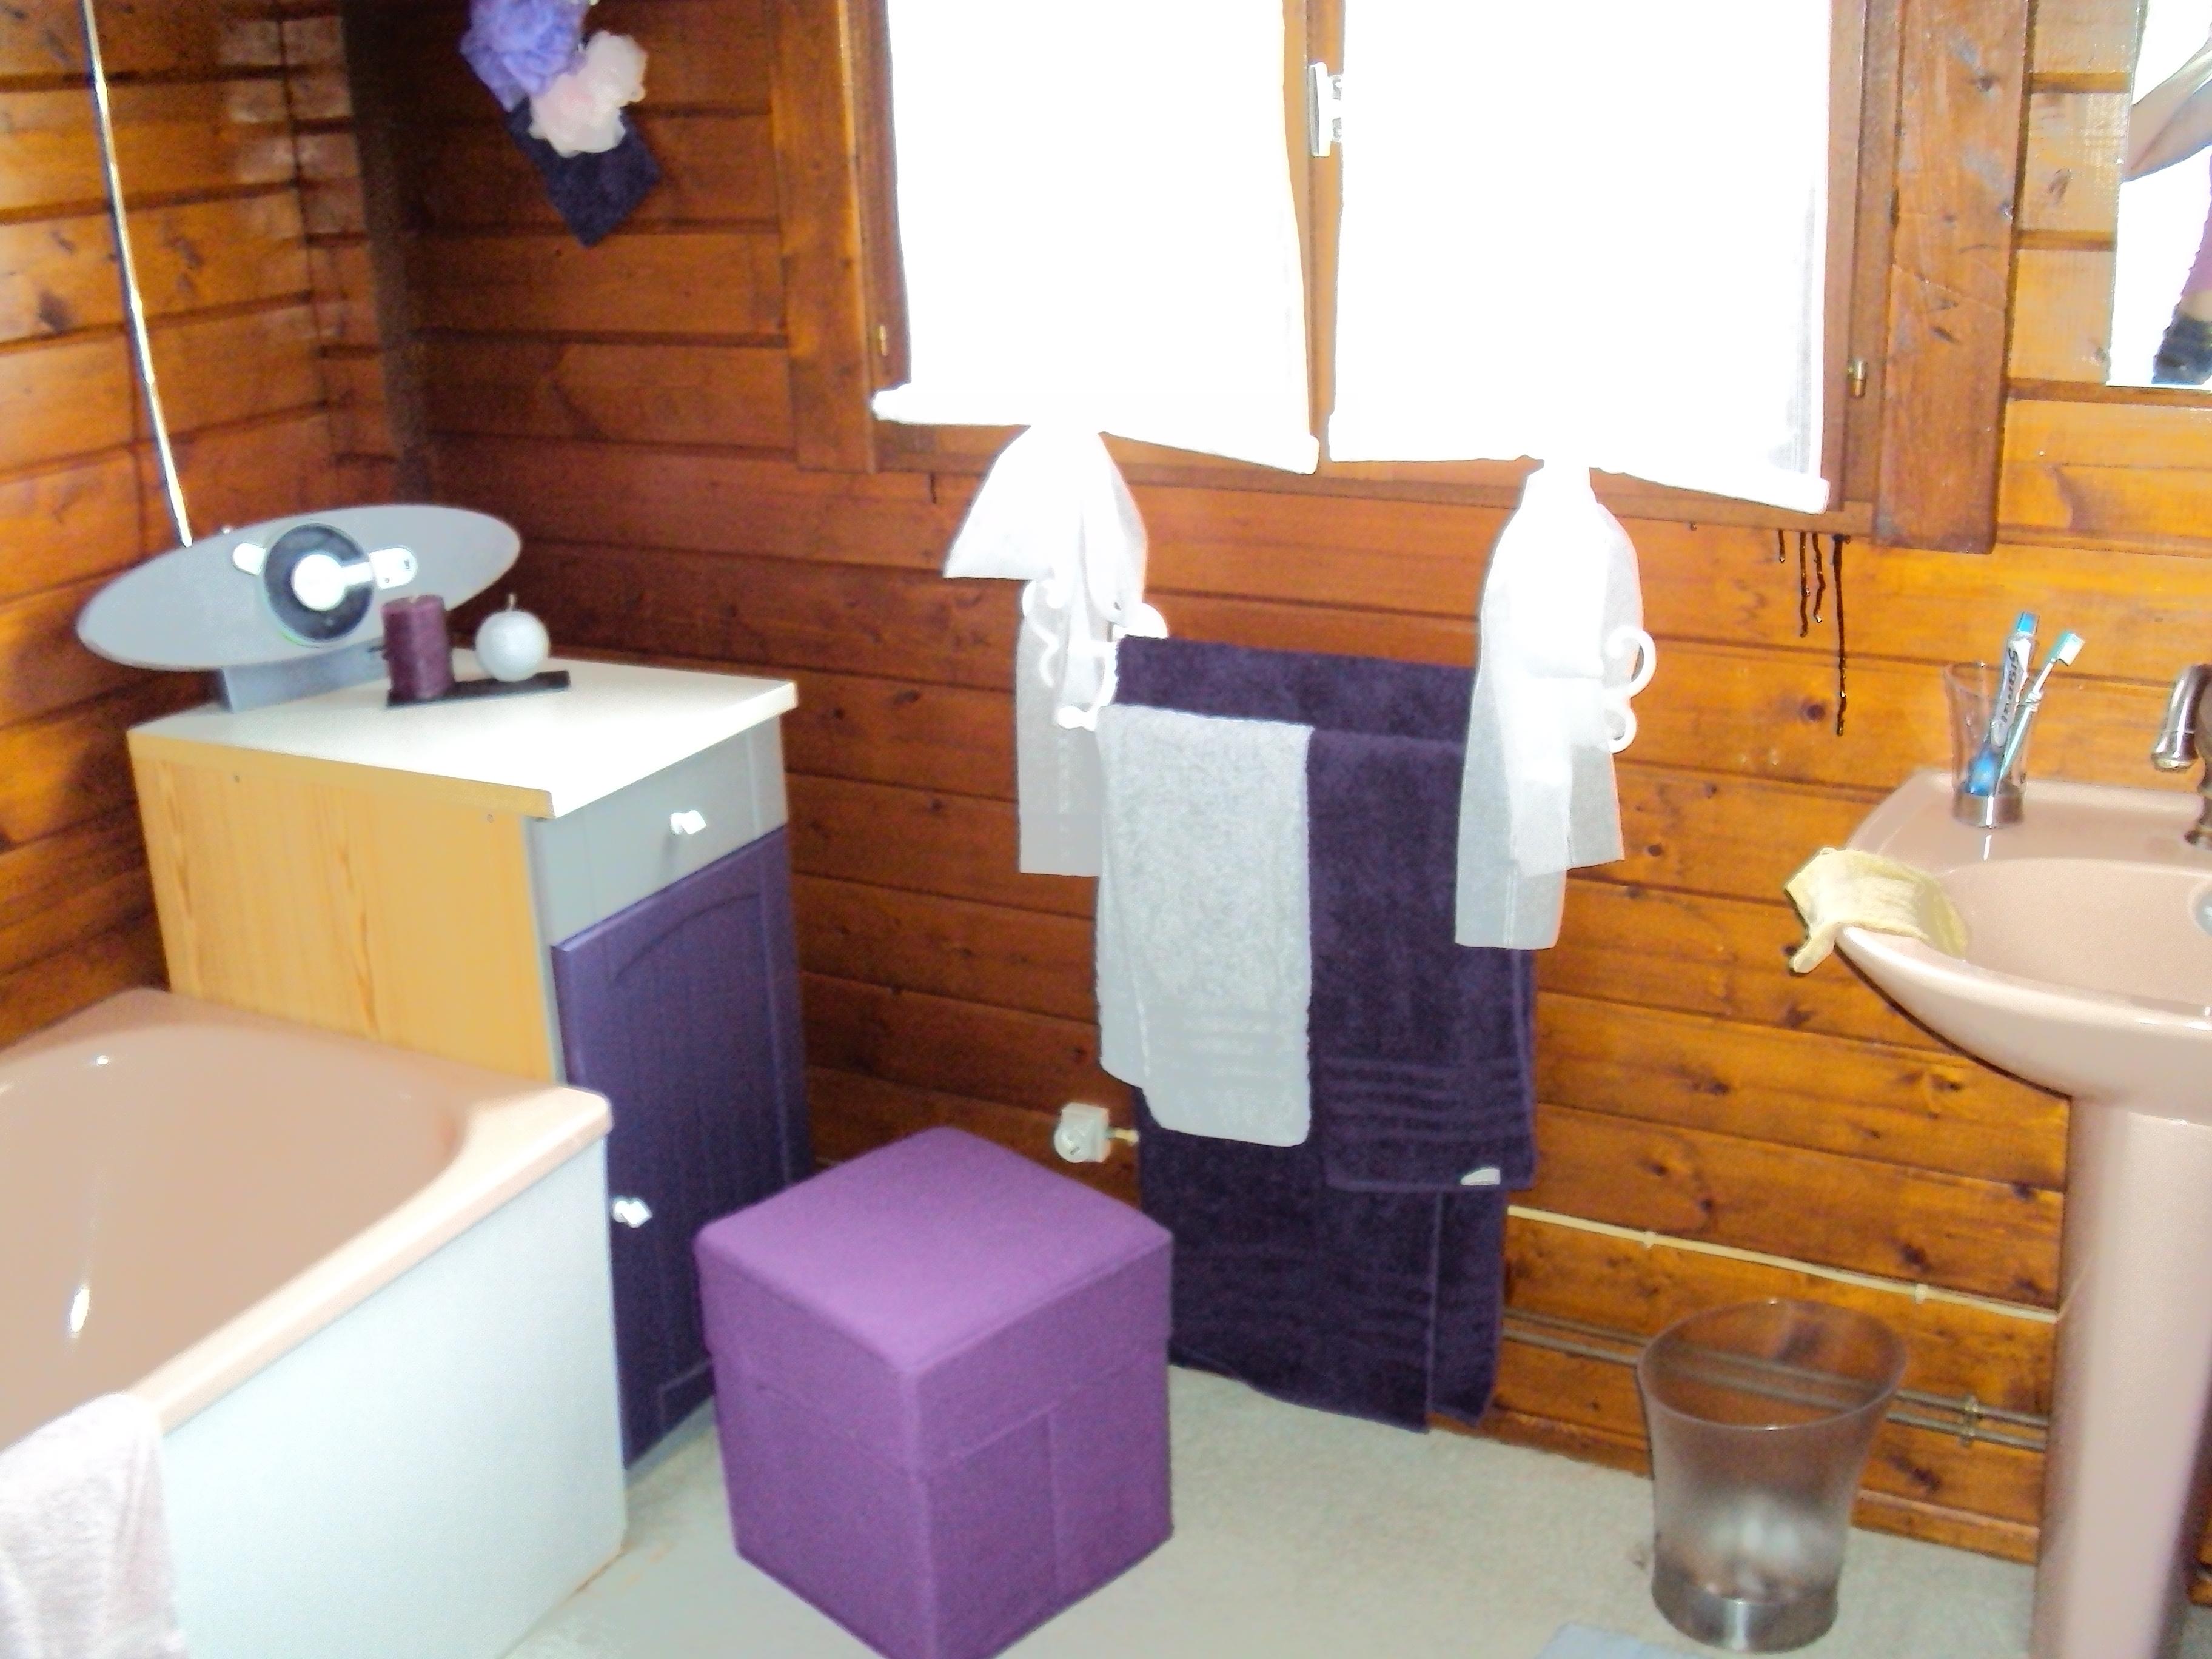 location tudiant loue appartement meubl pour tudiant. Black Bedroom Furniture Sets. Home Design Ideas